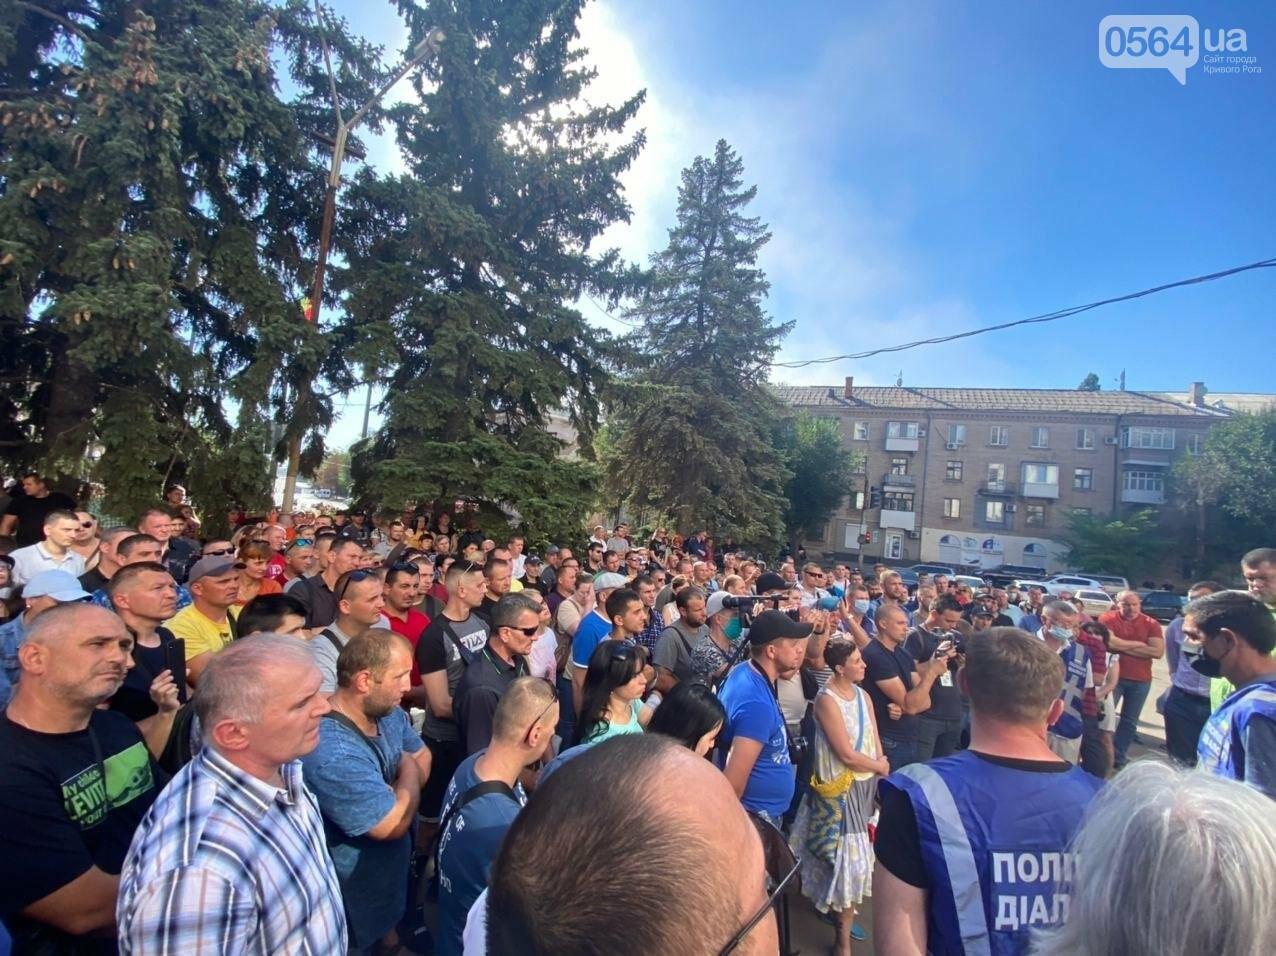 Отмолчаться не получится: у входа в админздание КЖРК проходит массовый митинг, на ступеньках сложены шины,  - ФОТО, ВИДЕО, фото-5